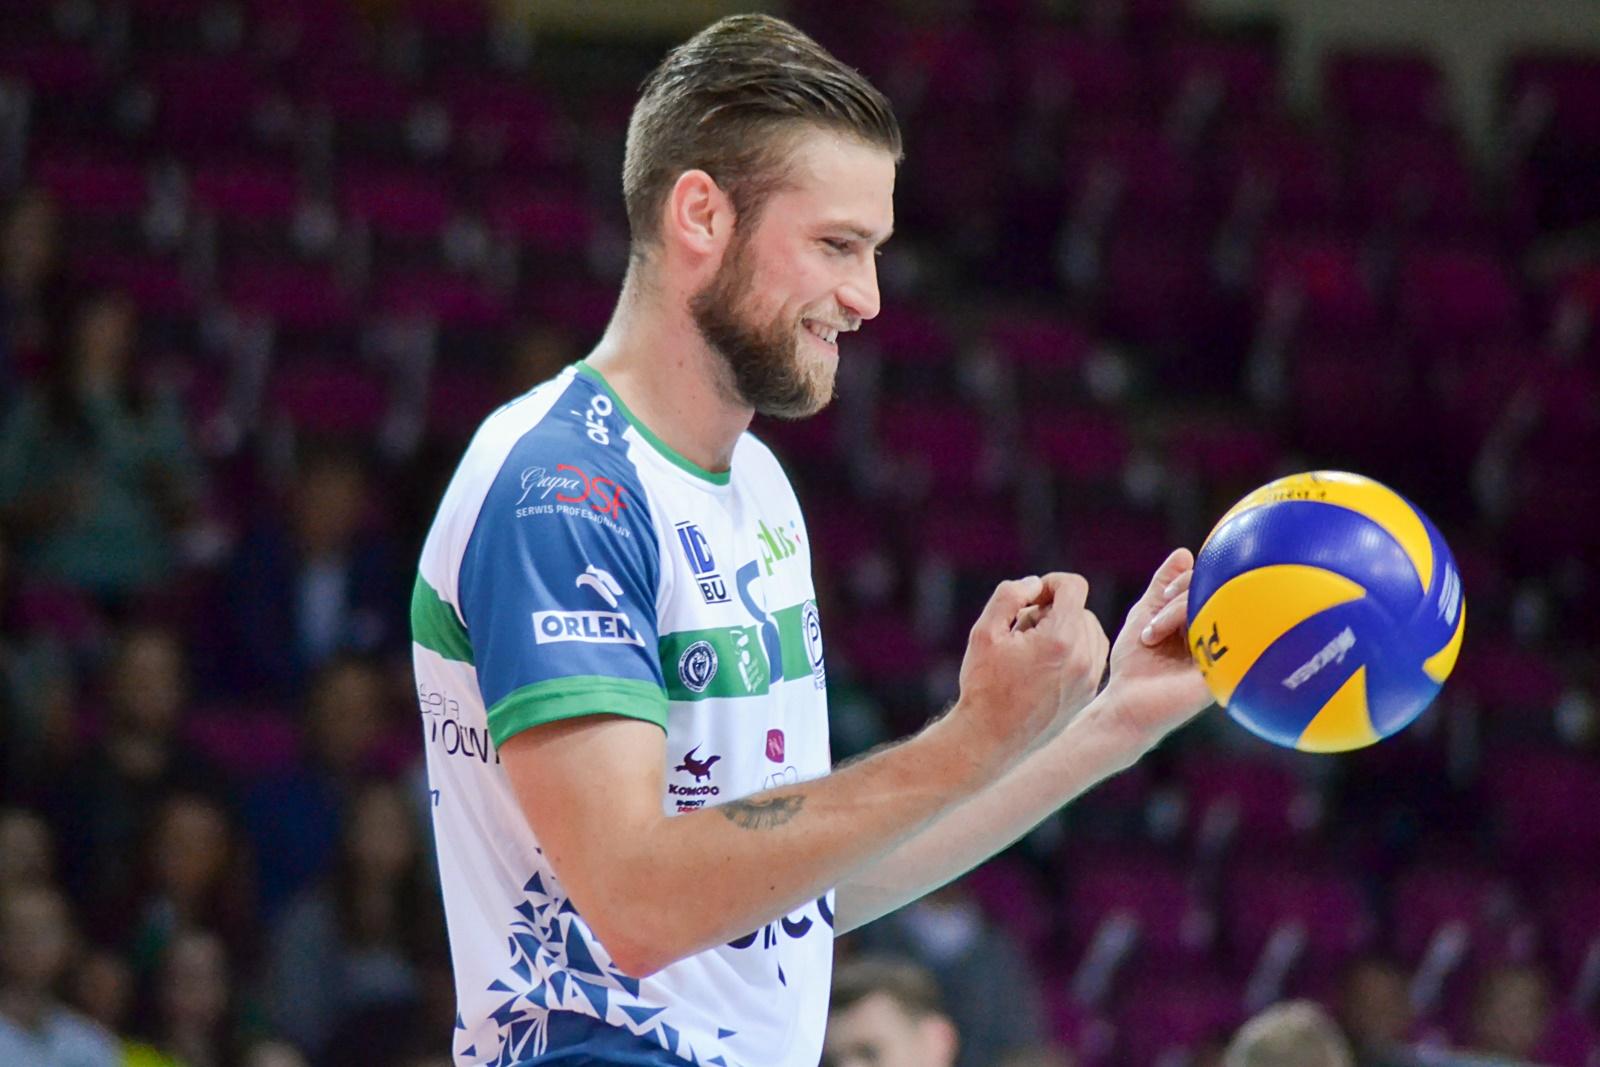 Andrzej Wrona 2016/2017